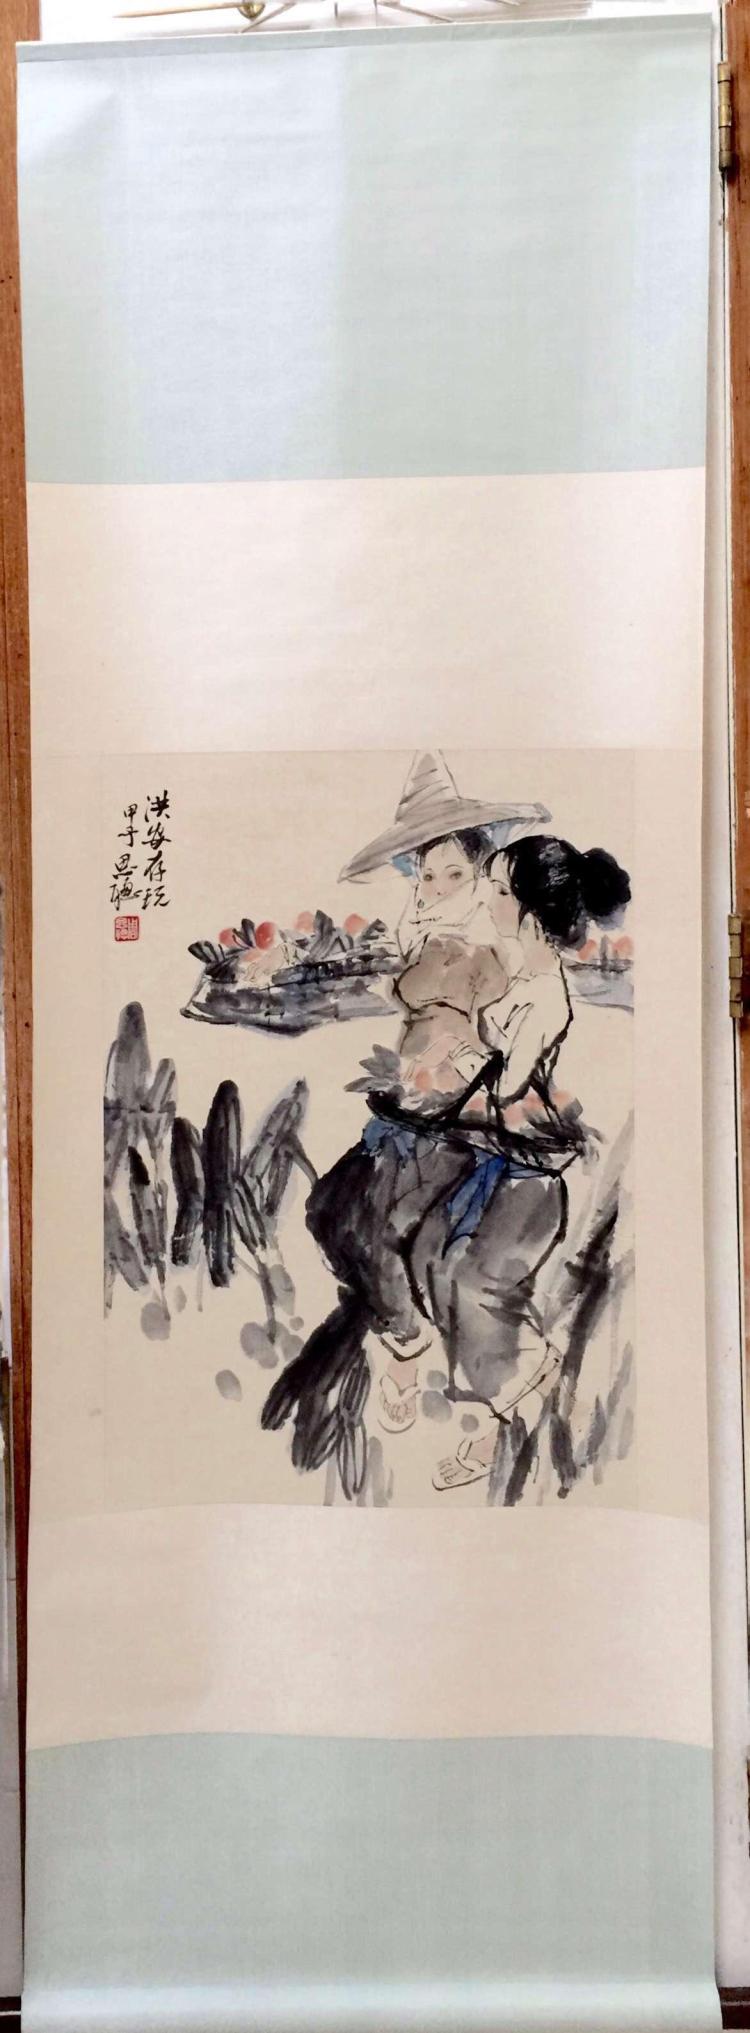 Zhou Sicong (1939-1996), Figure